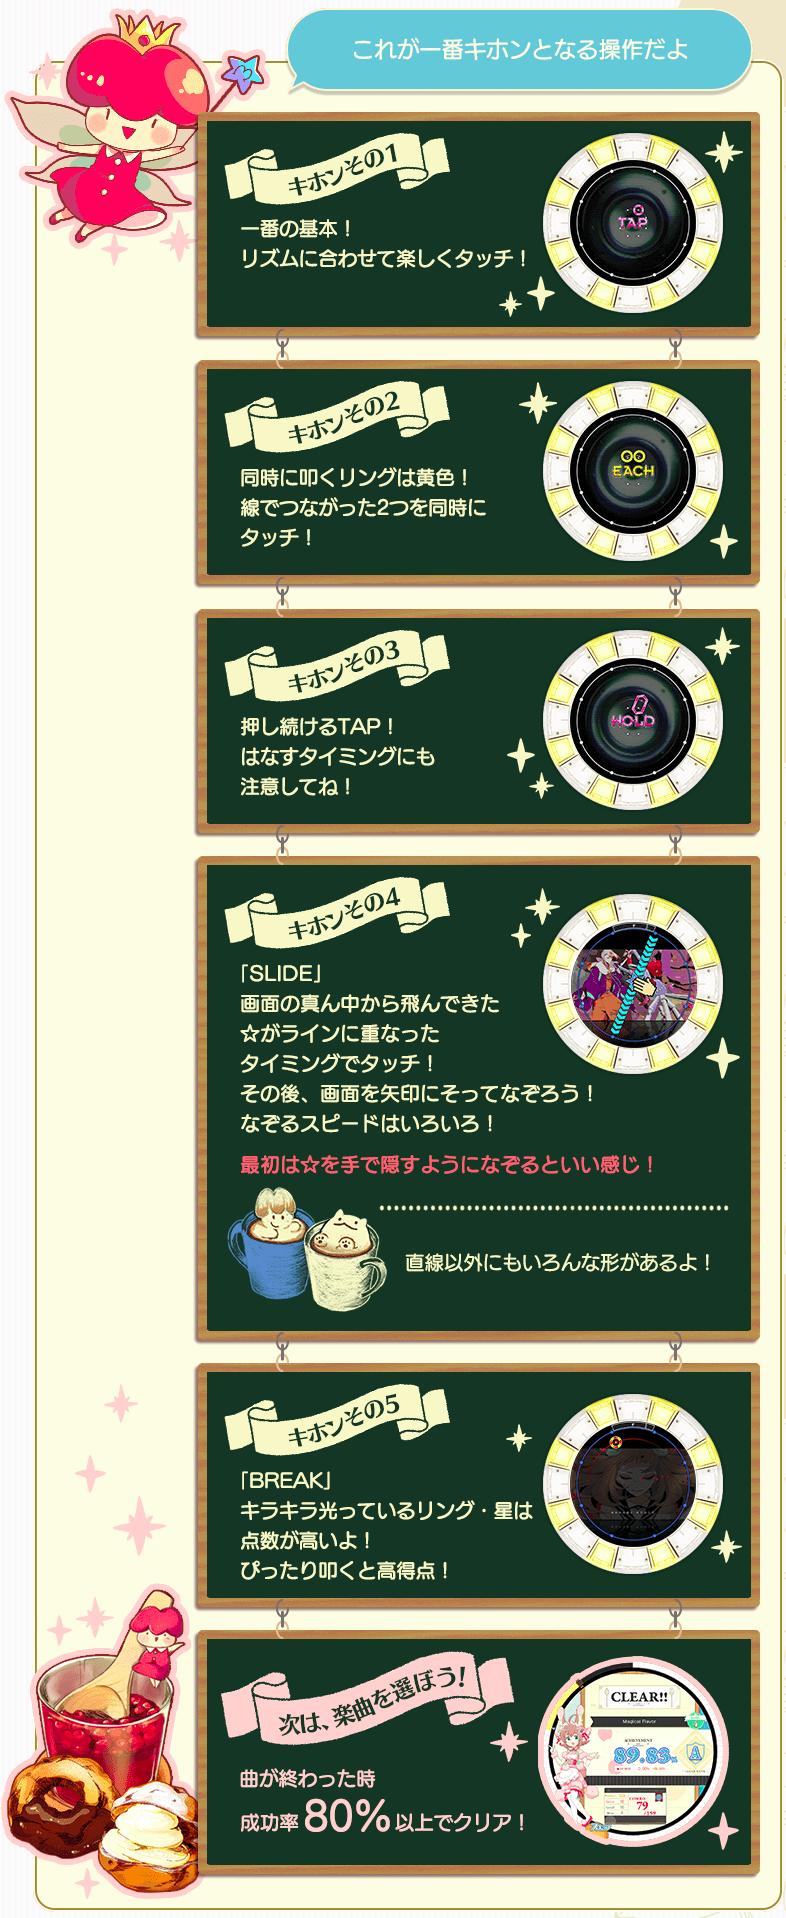 Maimai 的玩法介绍